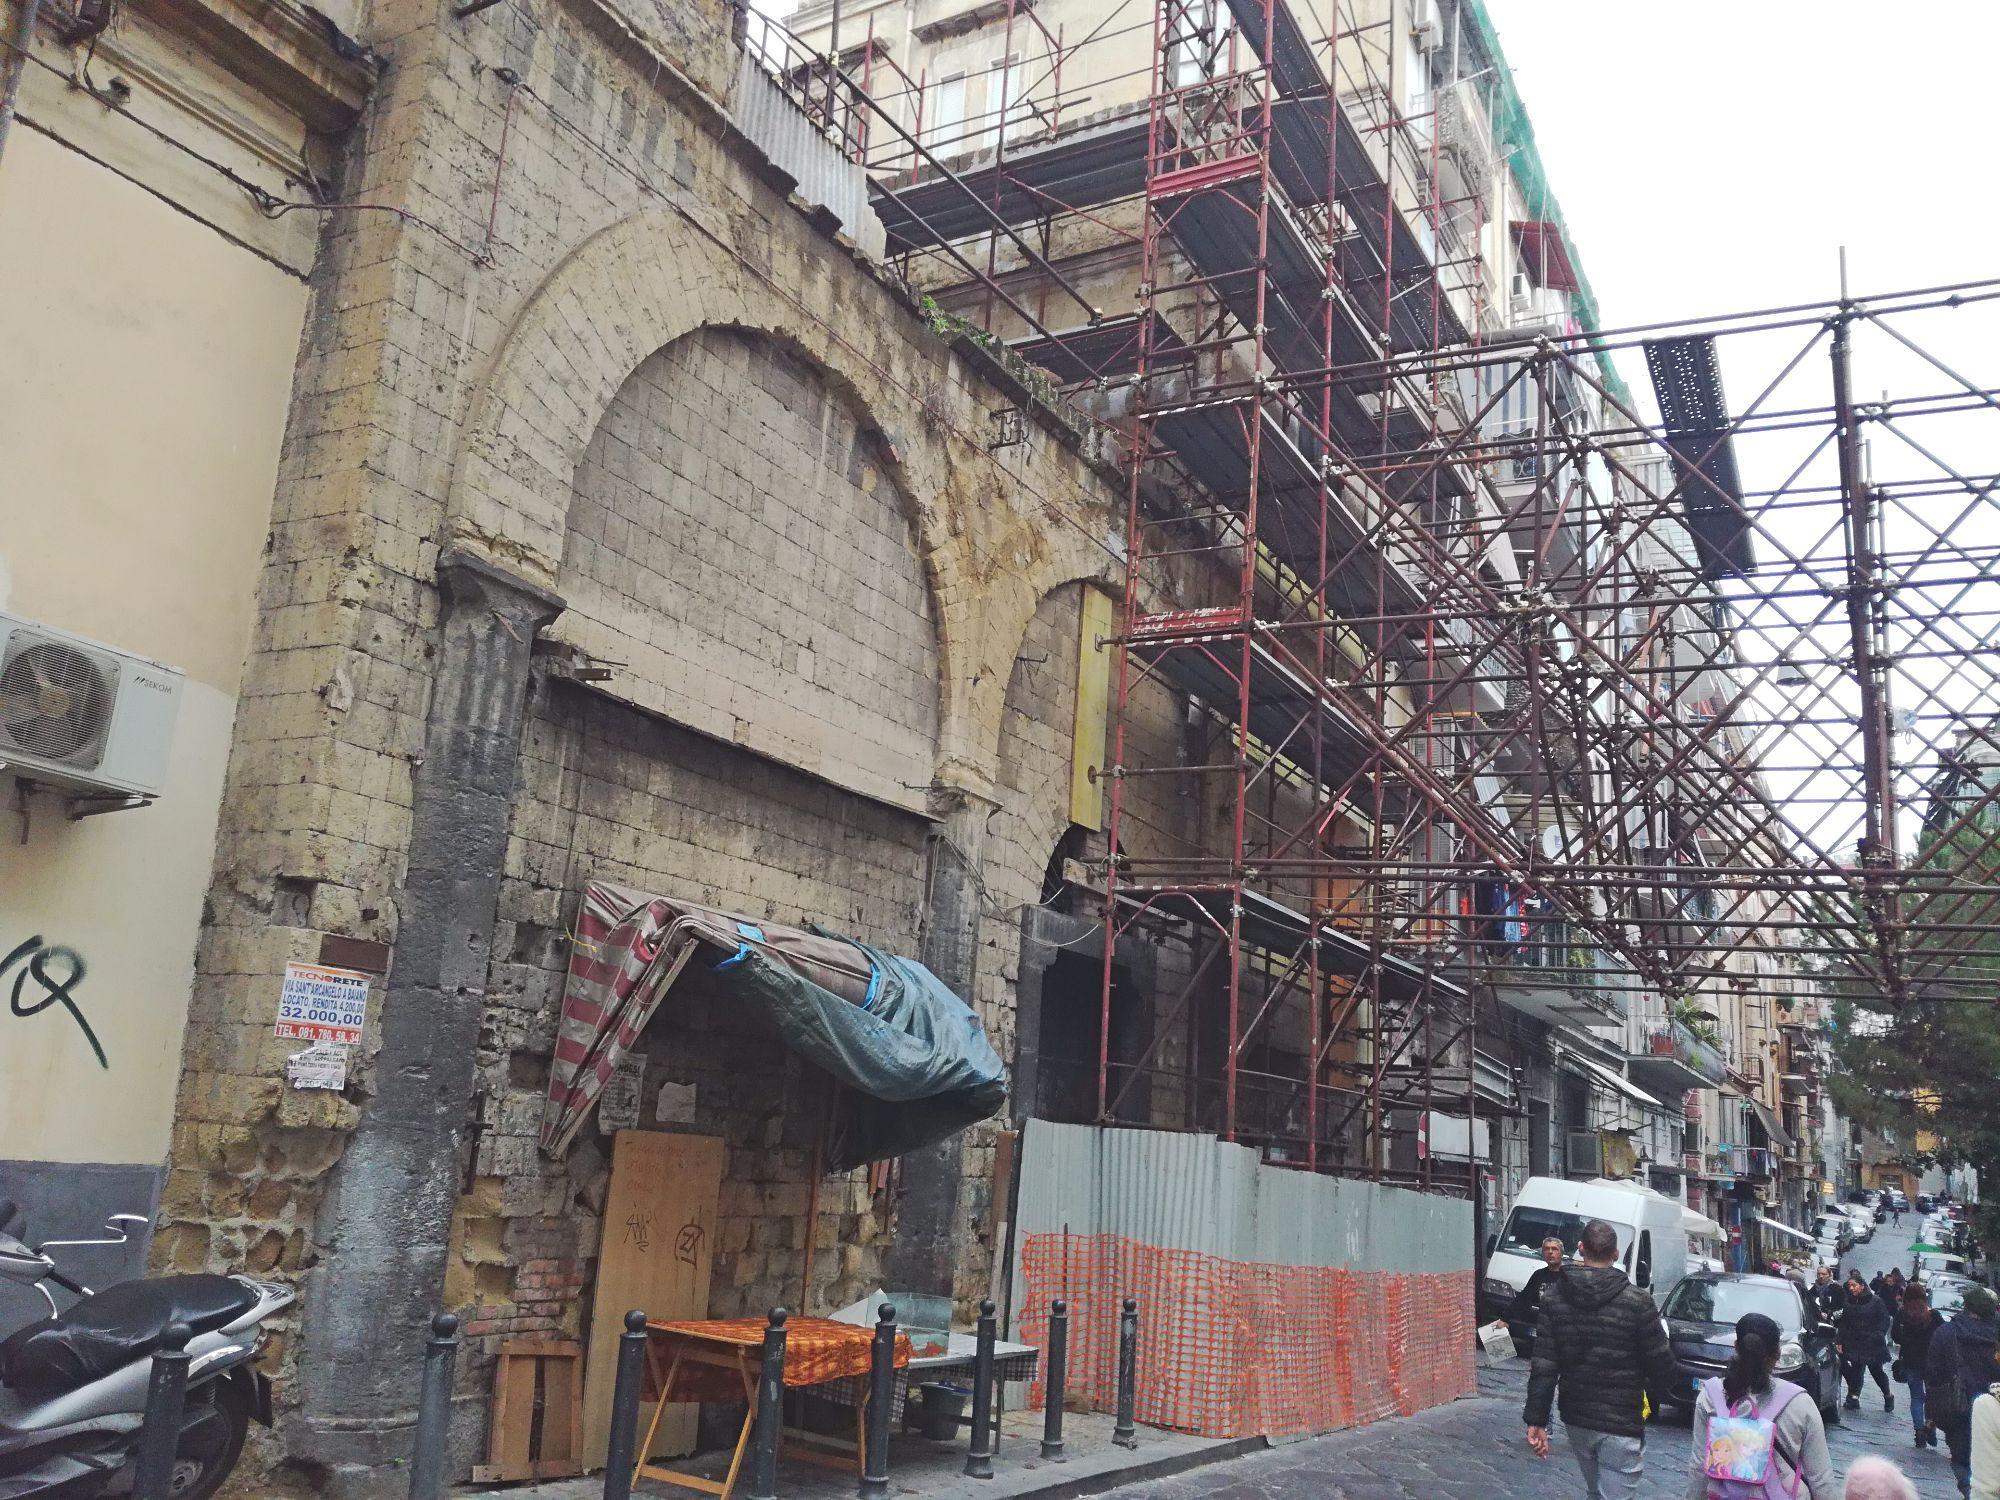 Forcella a Napoli, 40 anni dopo